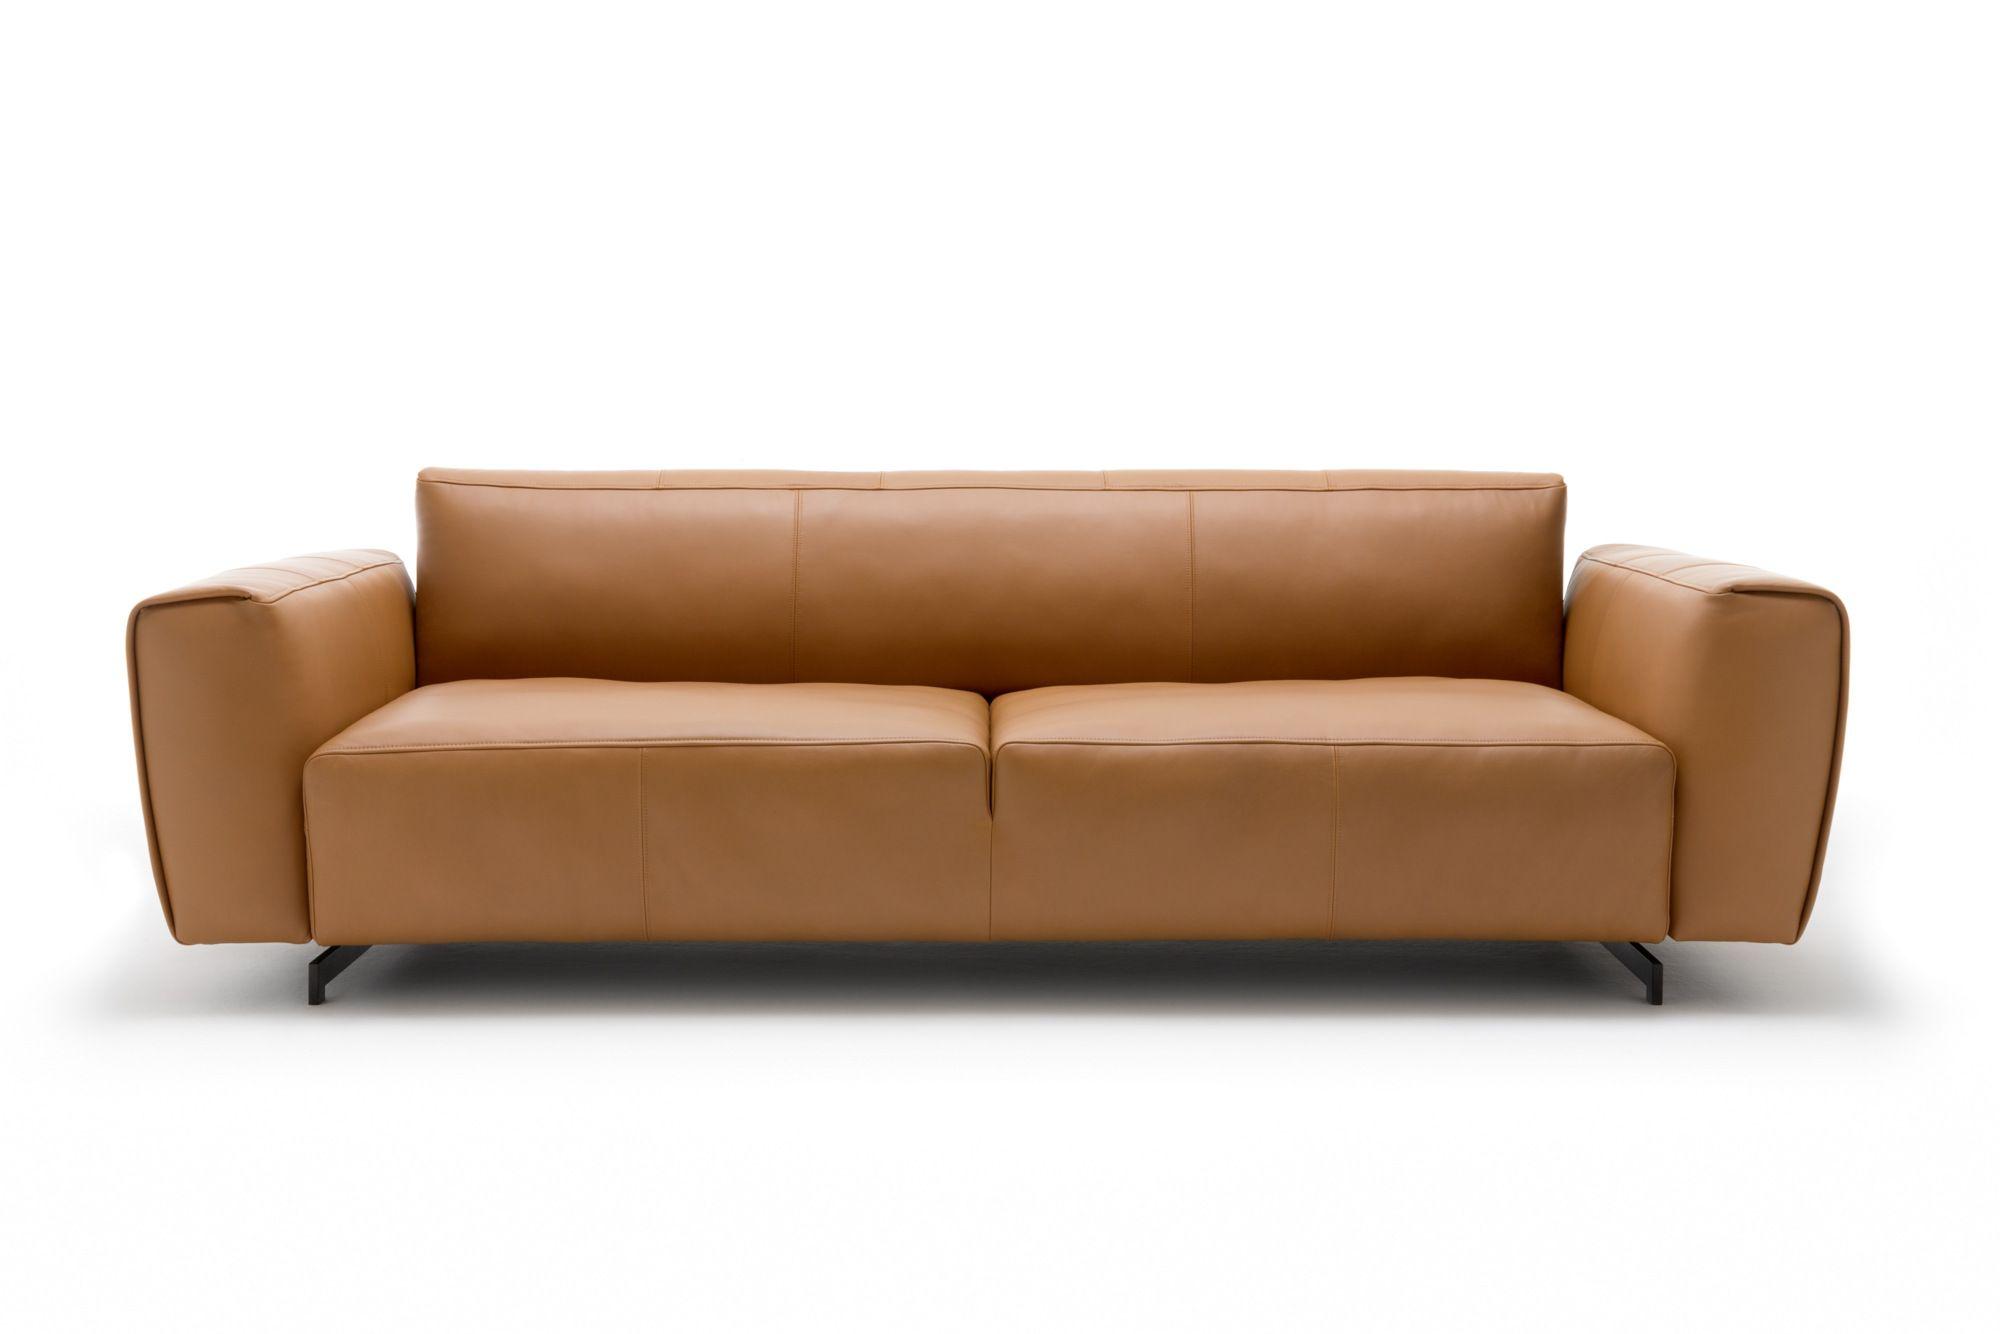 TENO 3 seater sofa by Rolf Benz design Norbert Beck, Silja Beck ...